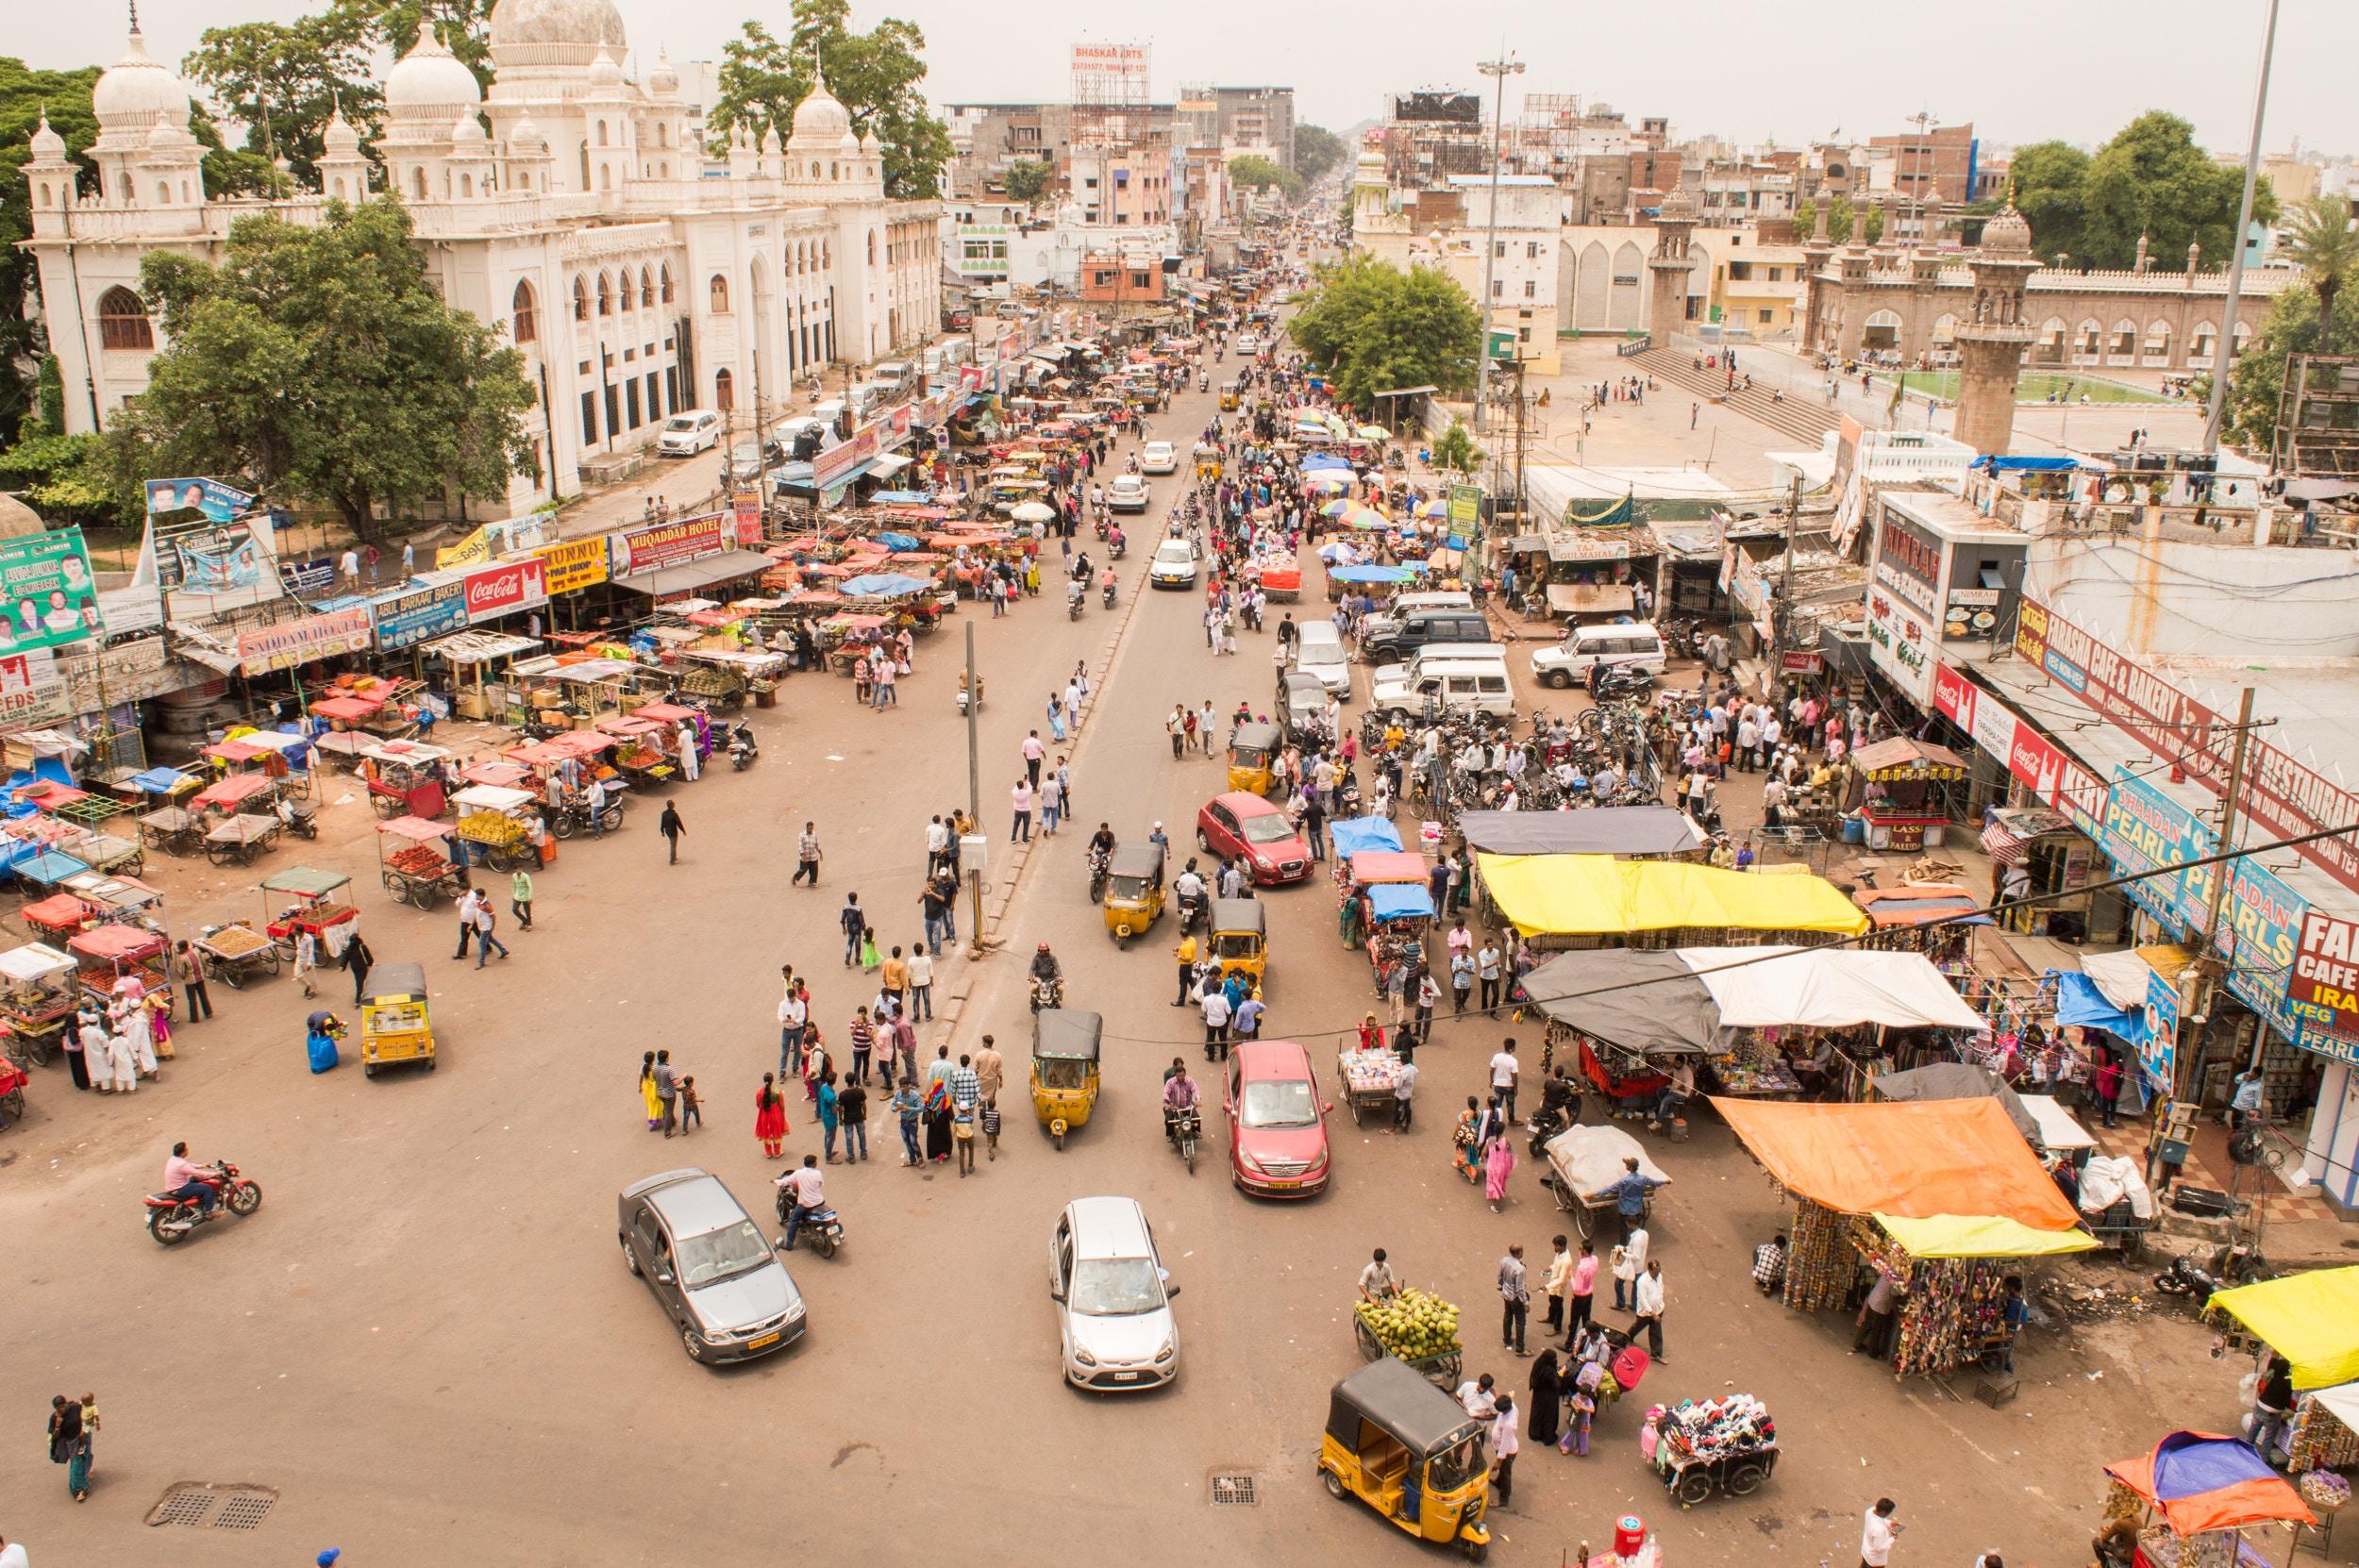 Croisière en Inde : au fil du Gange, l'Inde sacrée de Calcutta à Bénarès